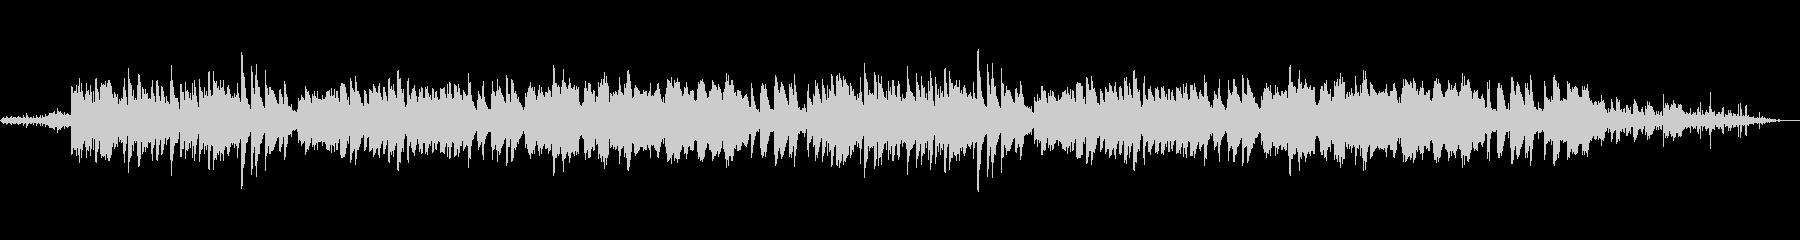 ヒーリングクラシック4-渓流音 longの未再生の波形